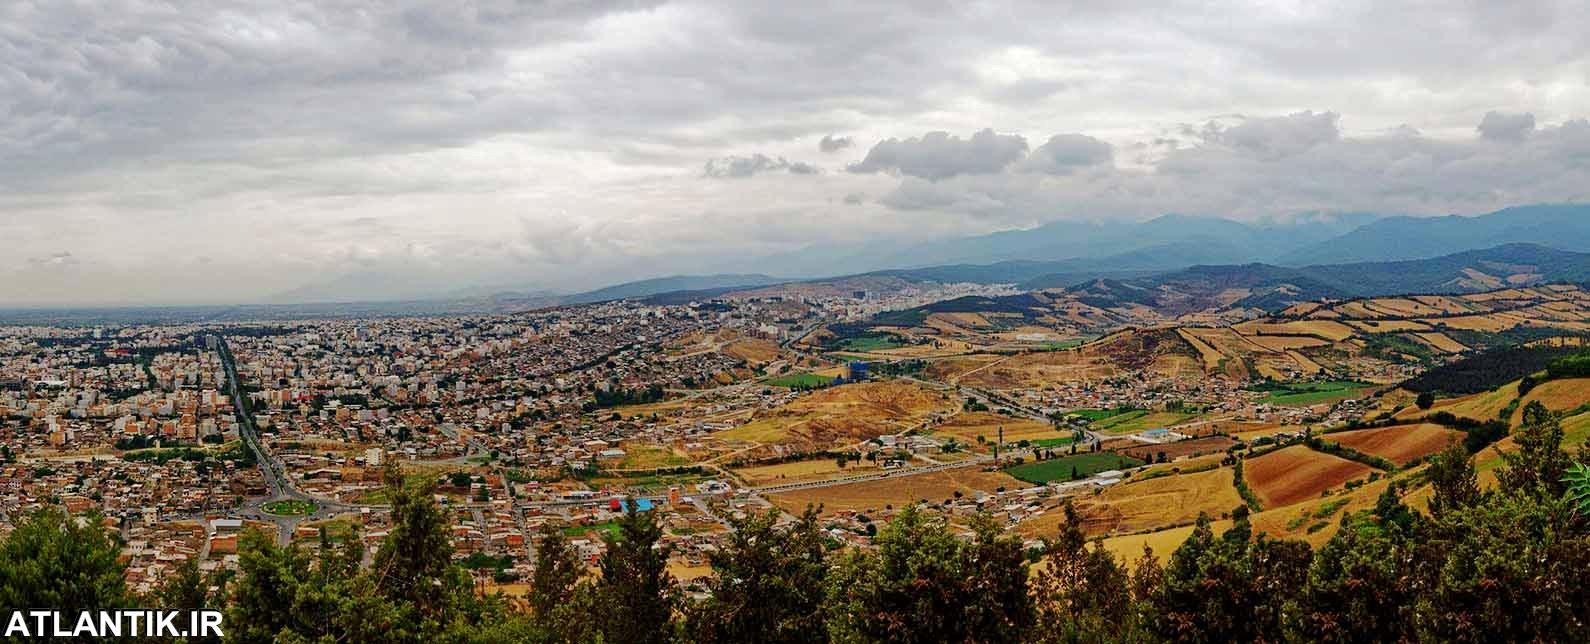 تصویر هوایی از روز گرگان